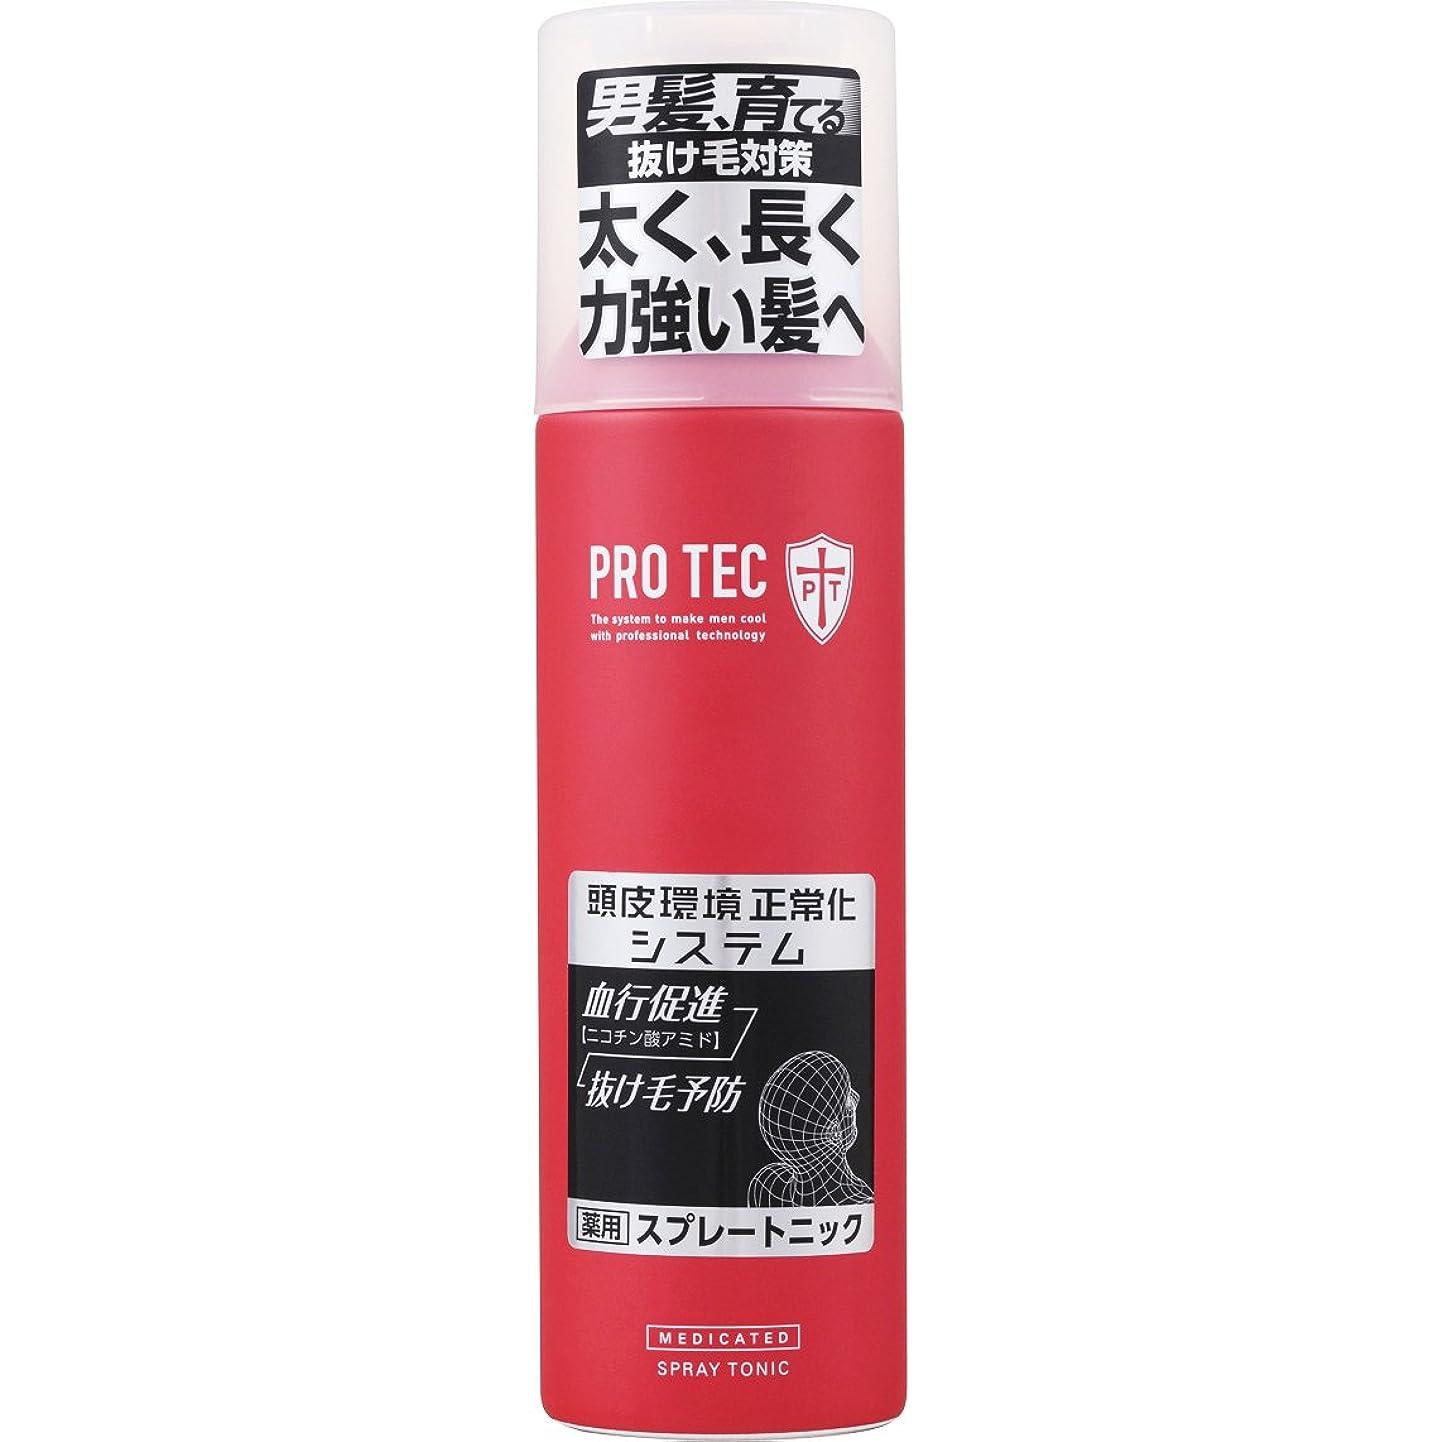 スタジオインシュレータ警官PRO TEC スプレートニック 150g